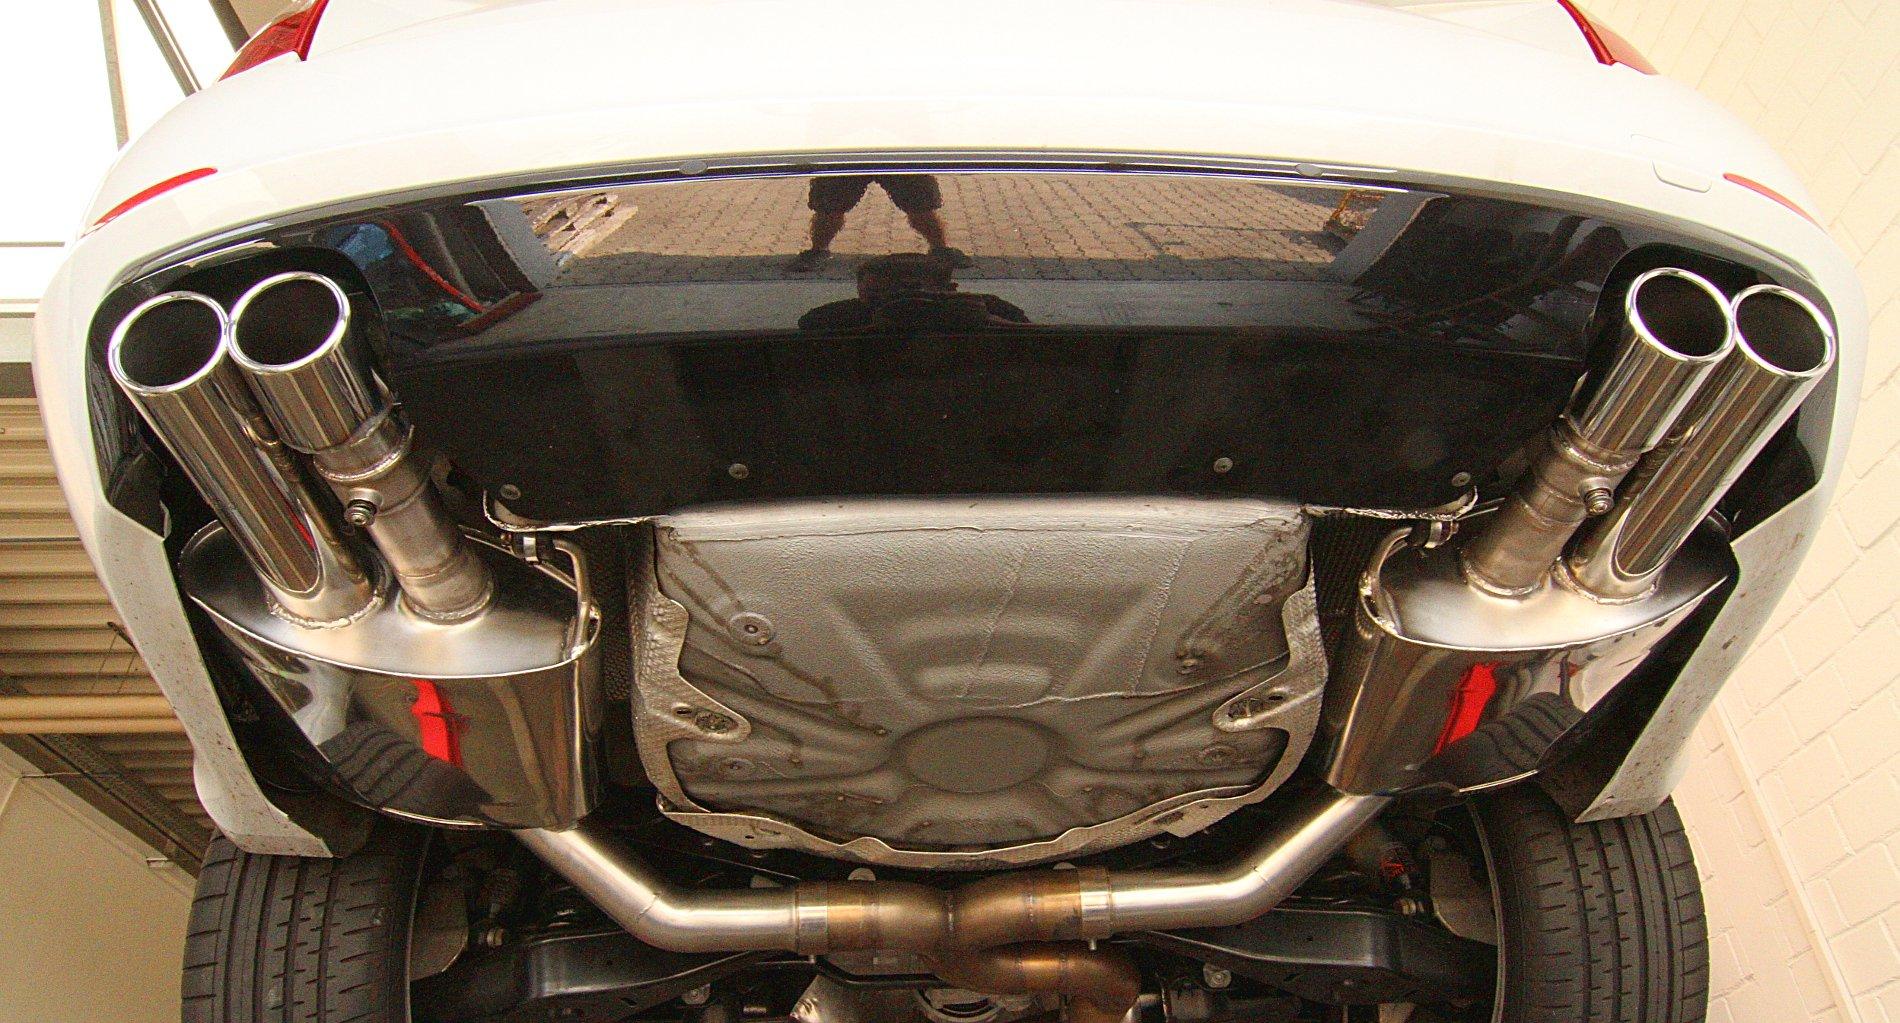 Skoda Superb 3,6 V6 - Endschalldämpfer mit Klappensteuerung